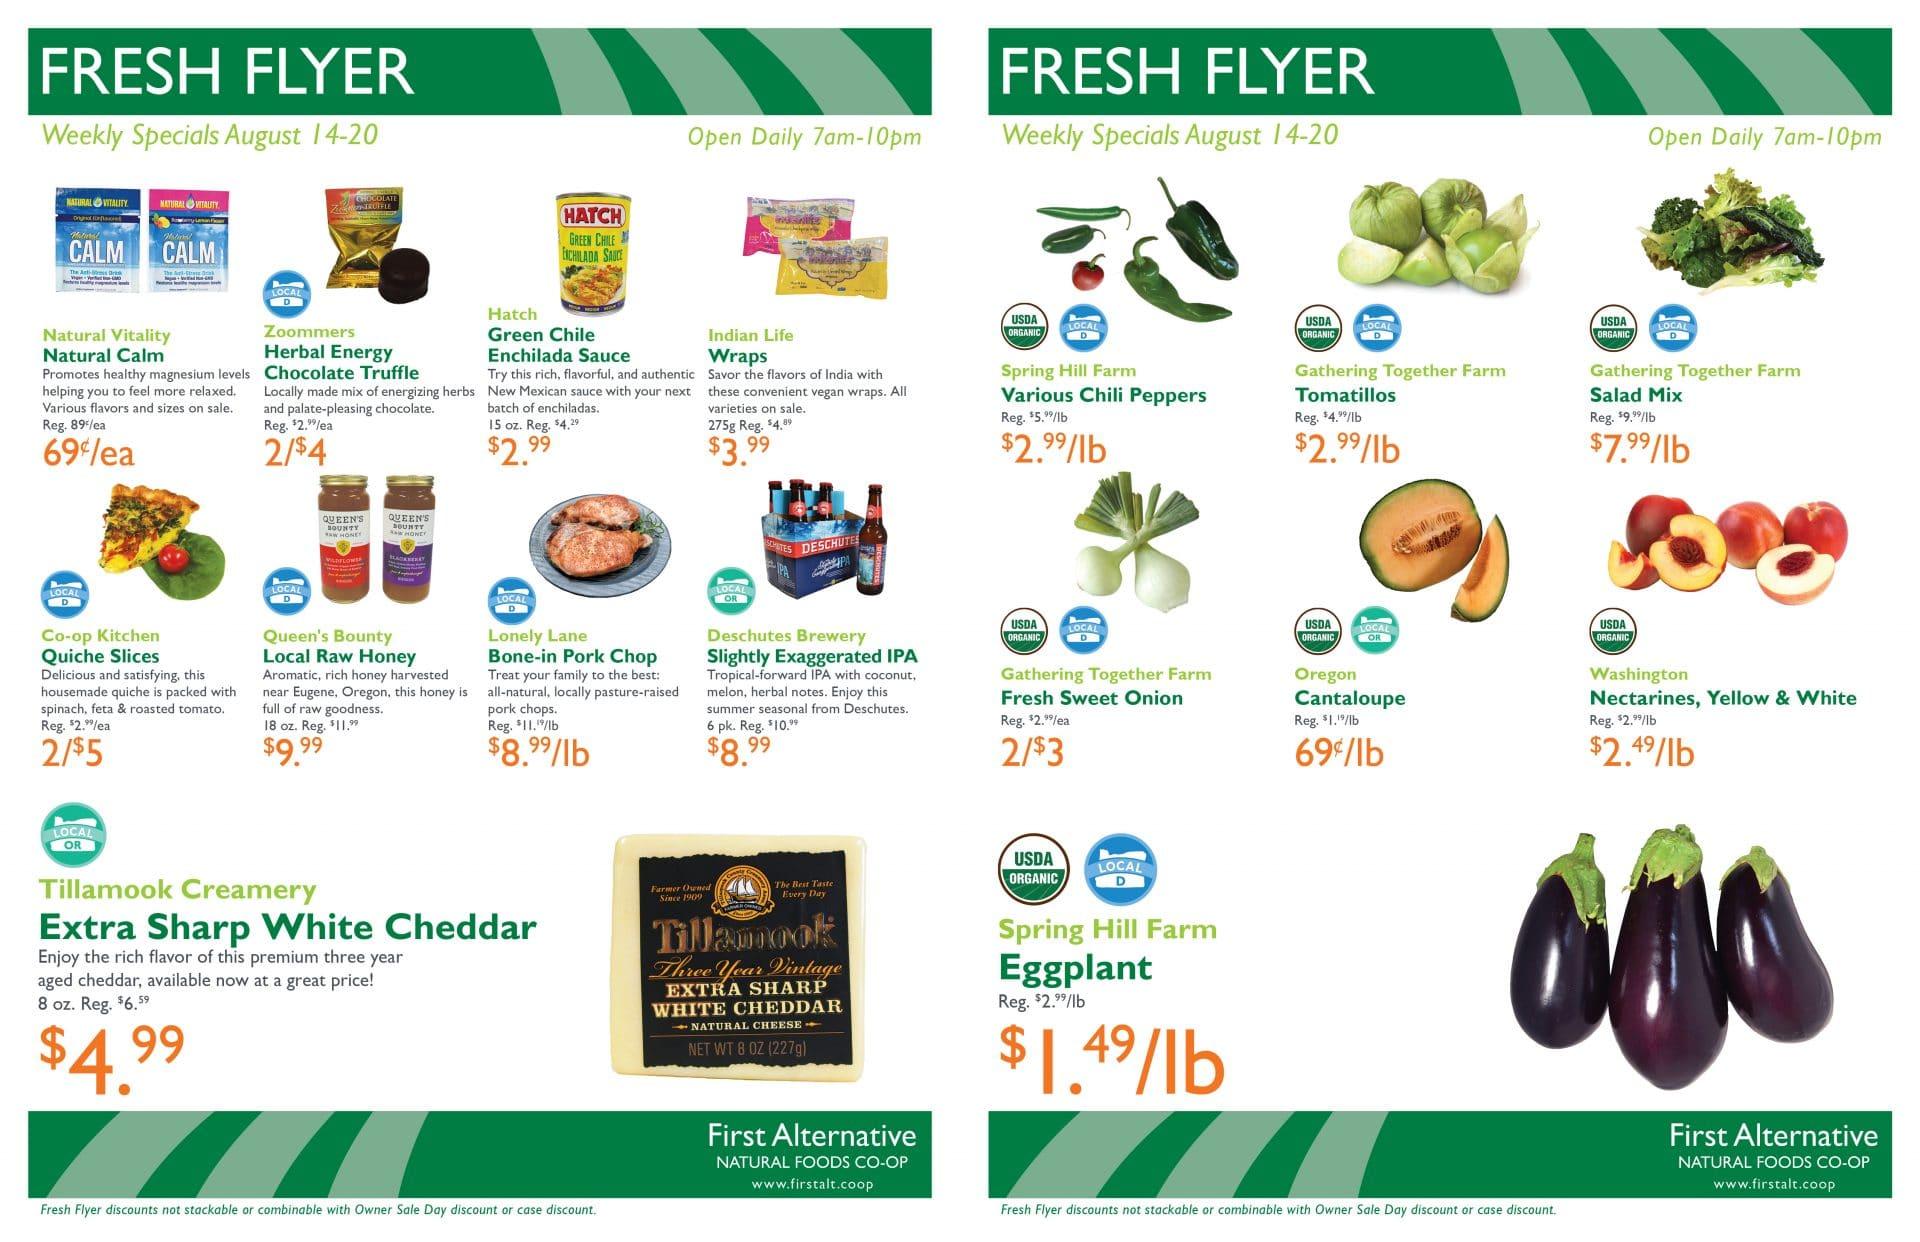 First Alternative Co-op Fresh Flyer August 14-20